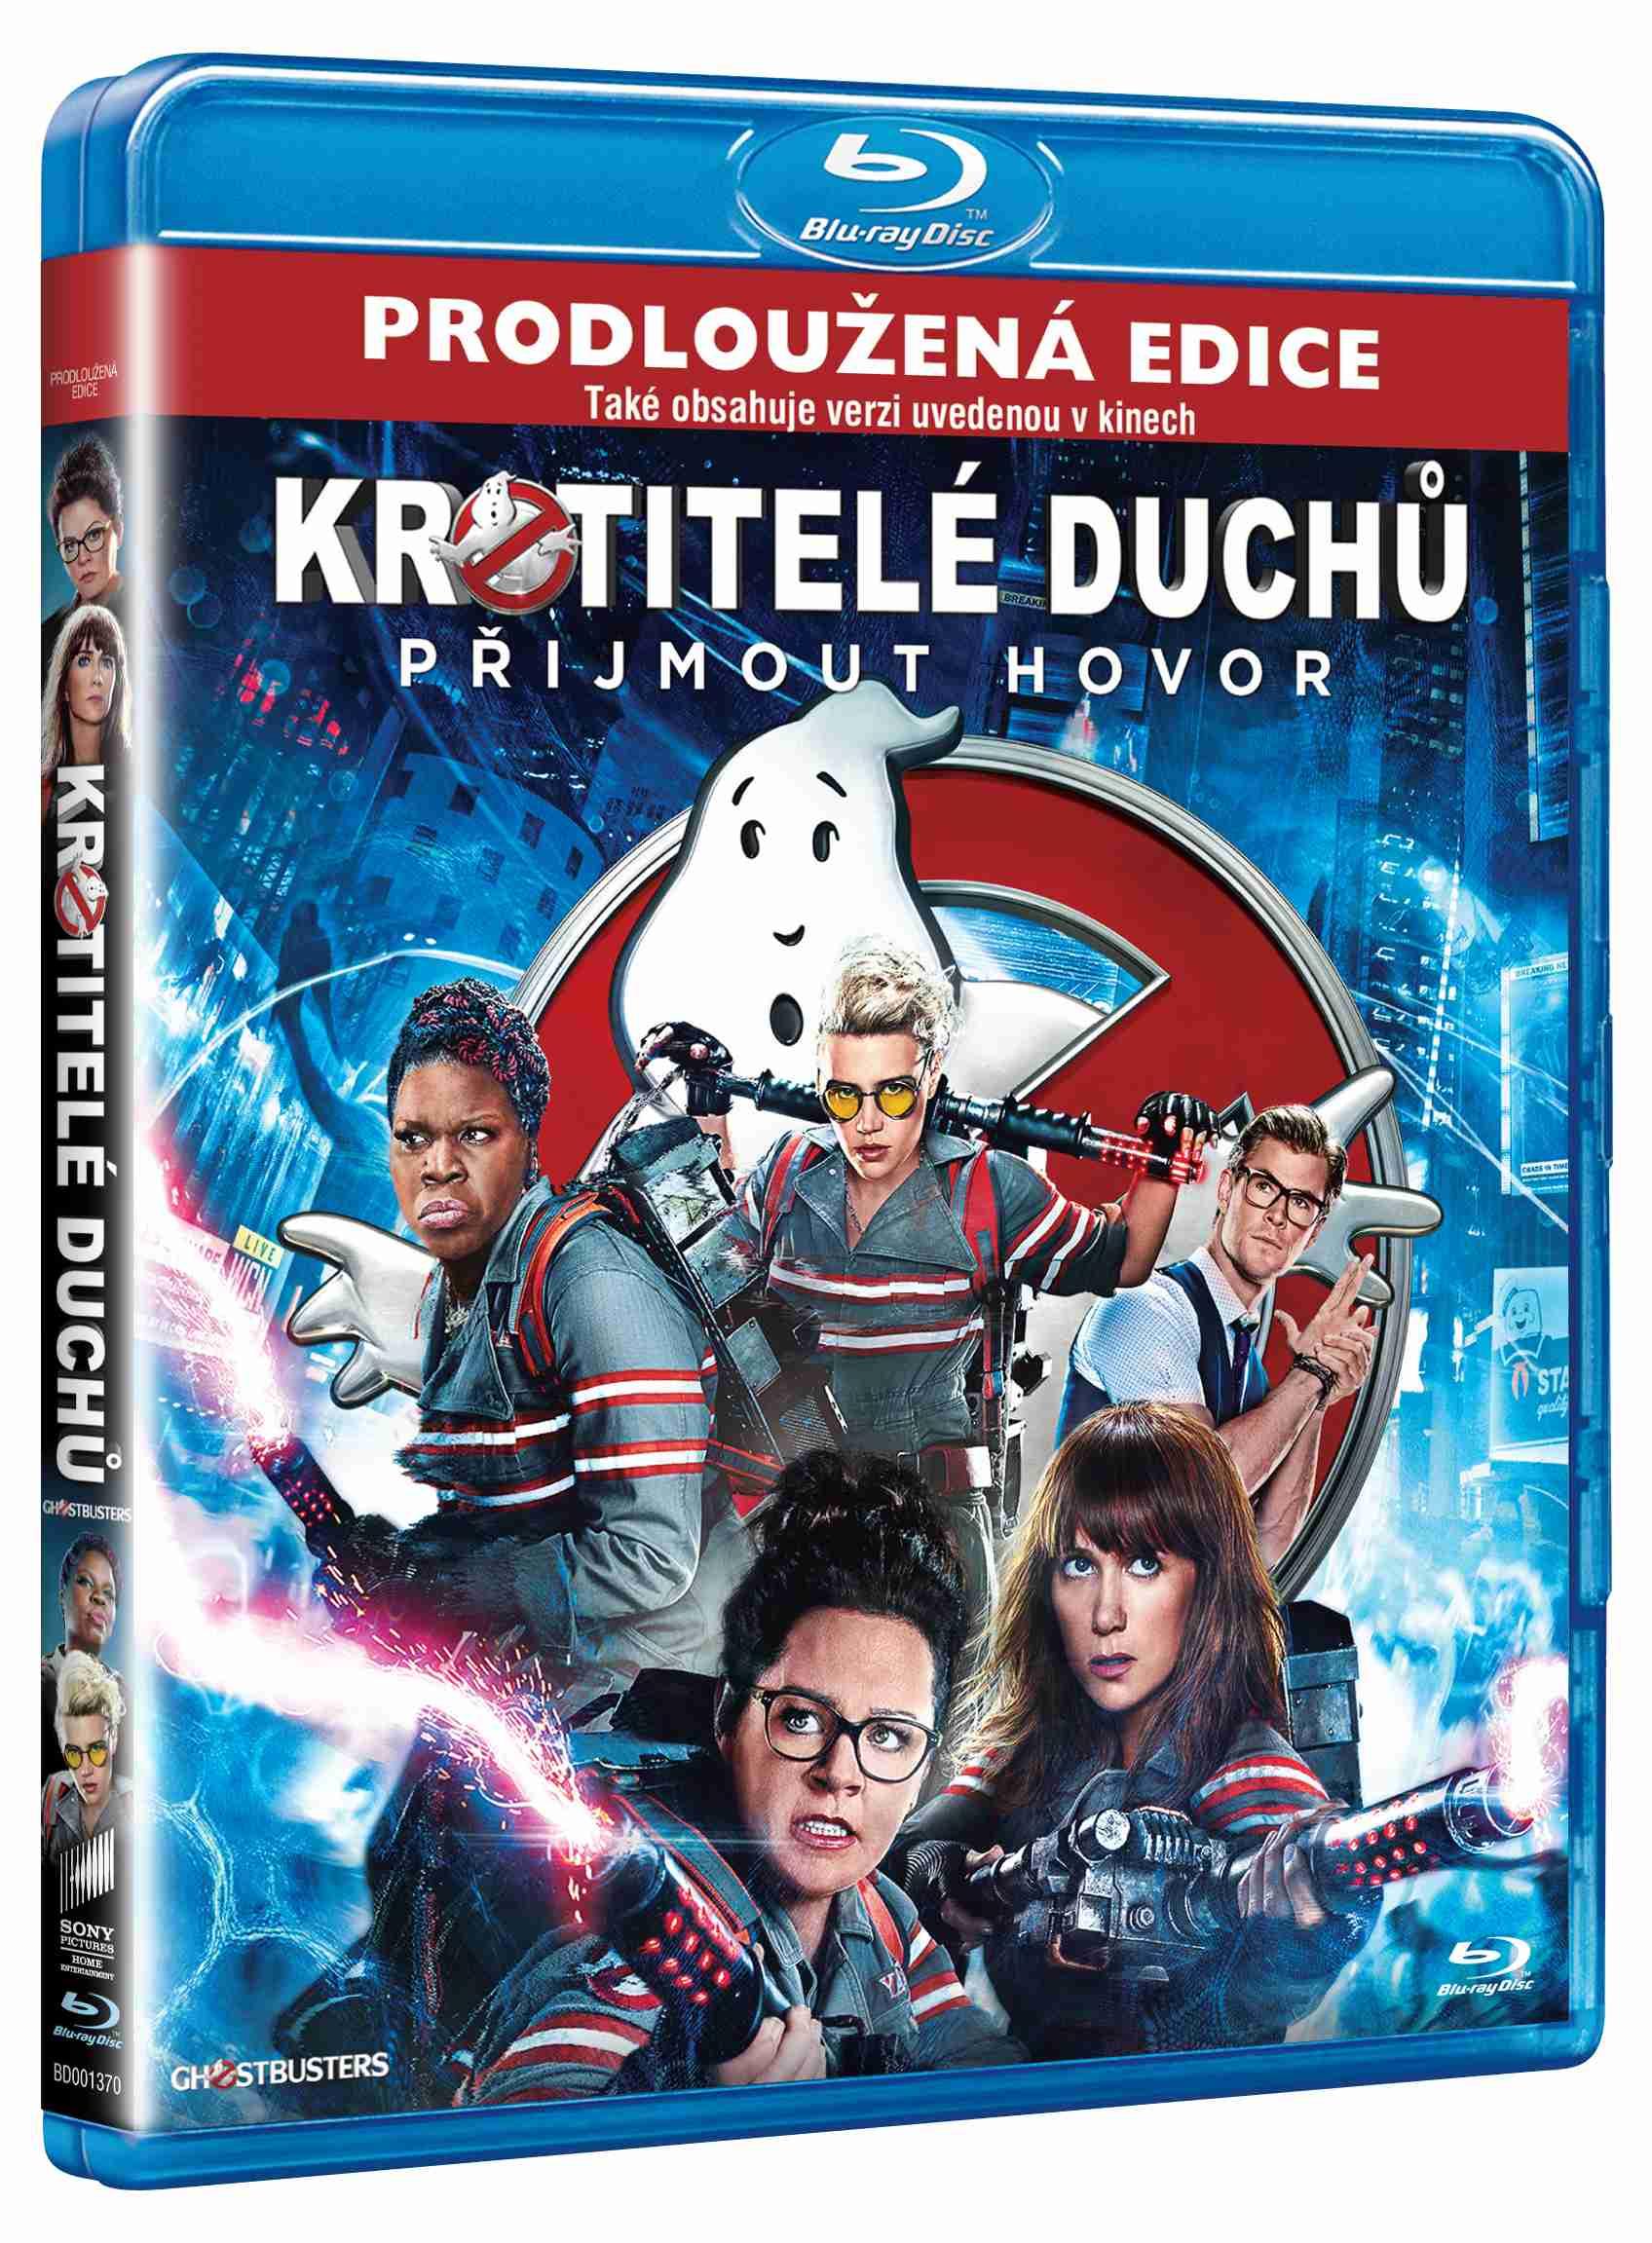 KROTITELÉ DUCHŮ (2016) Prodloužená verze - Blu-ray